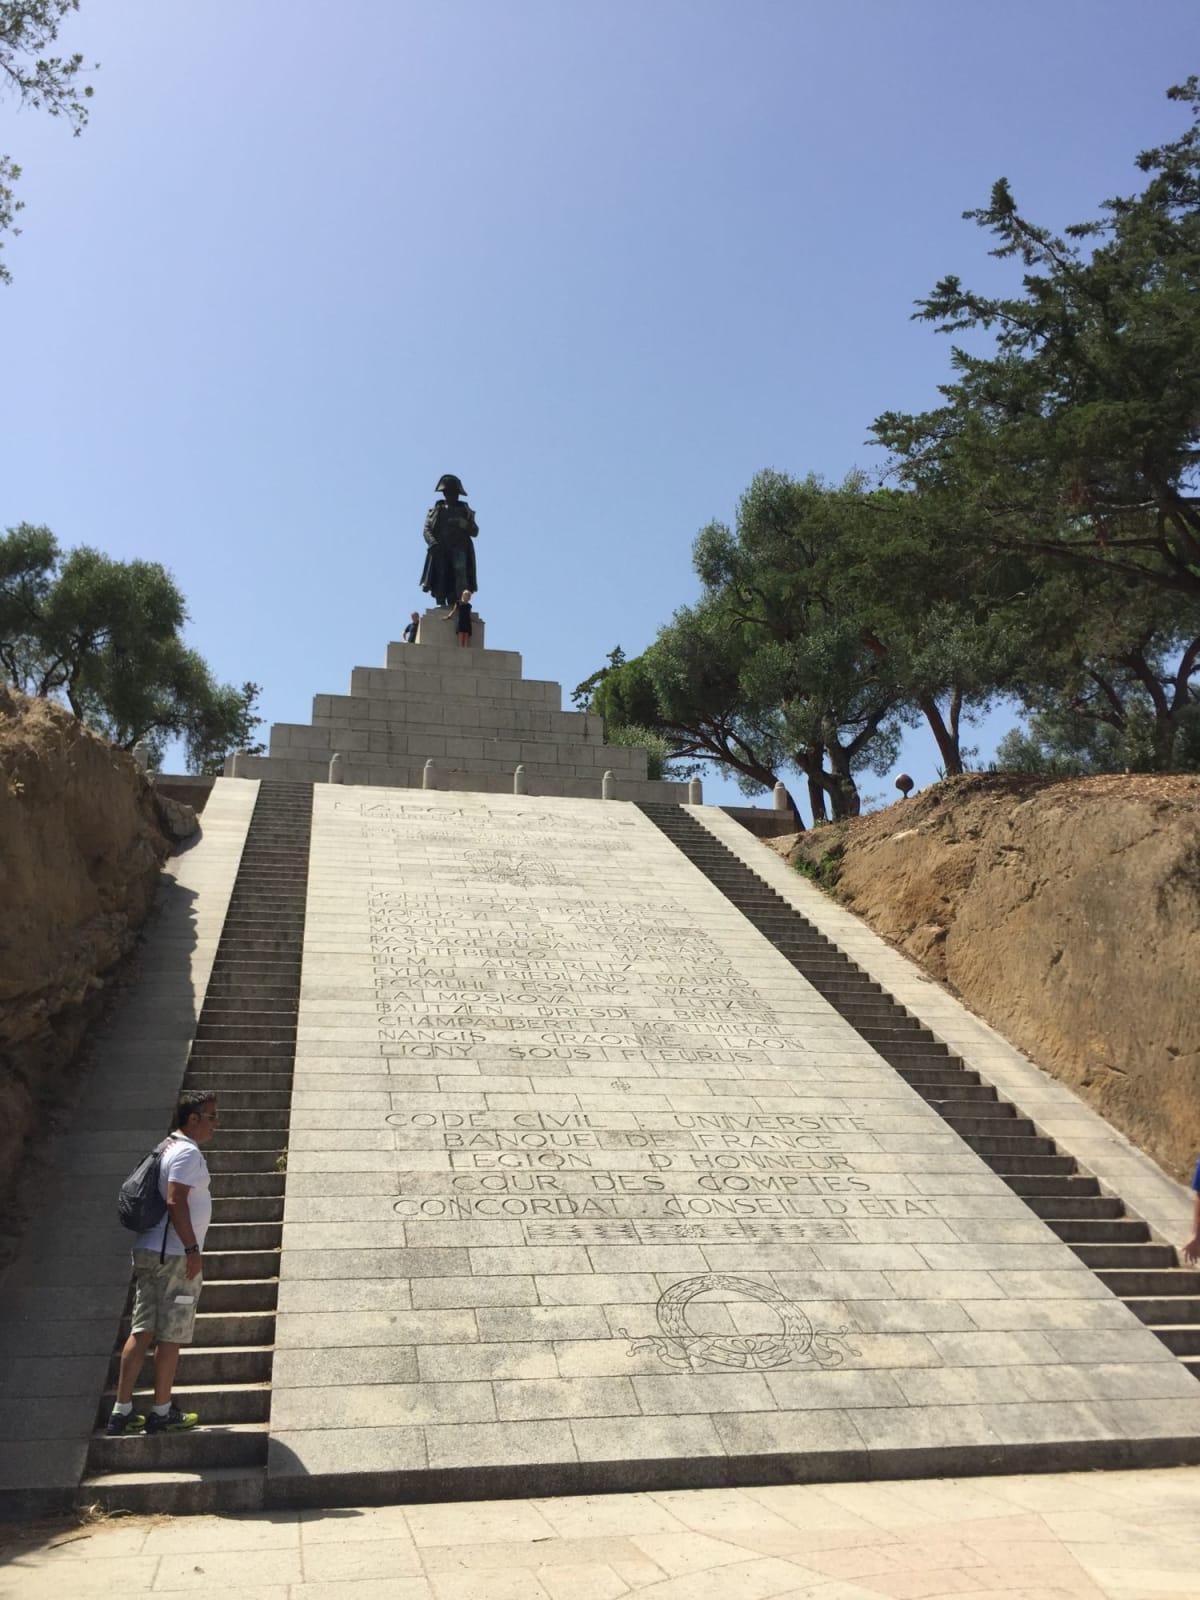 コルシカ島のナポレオン像